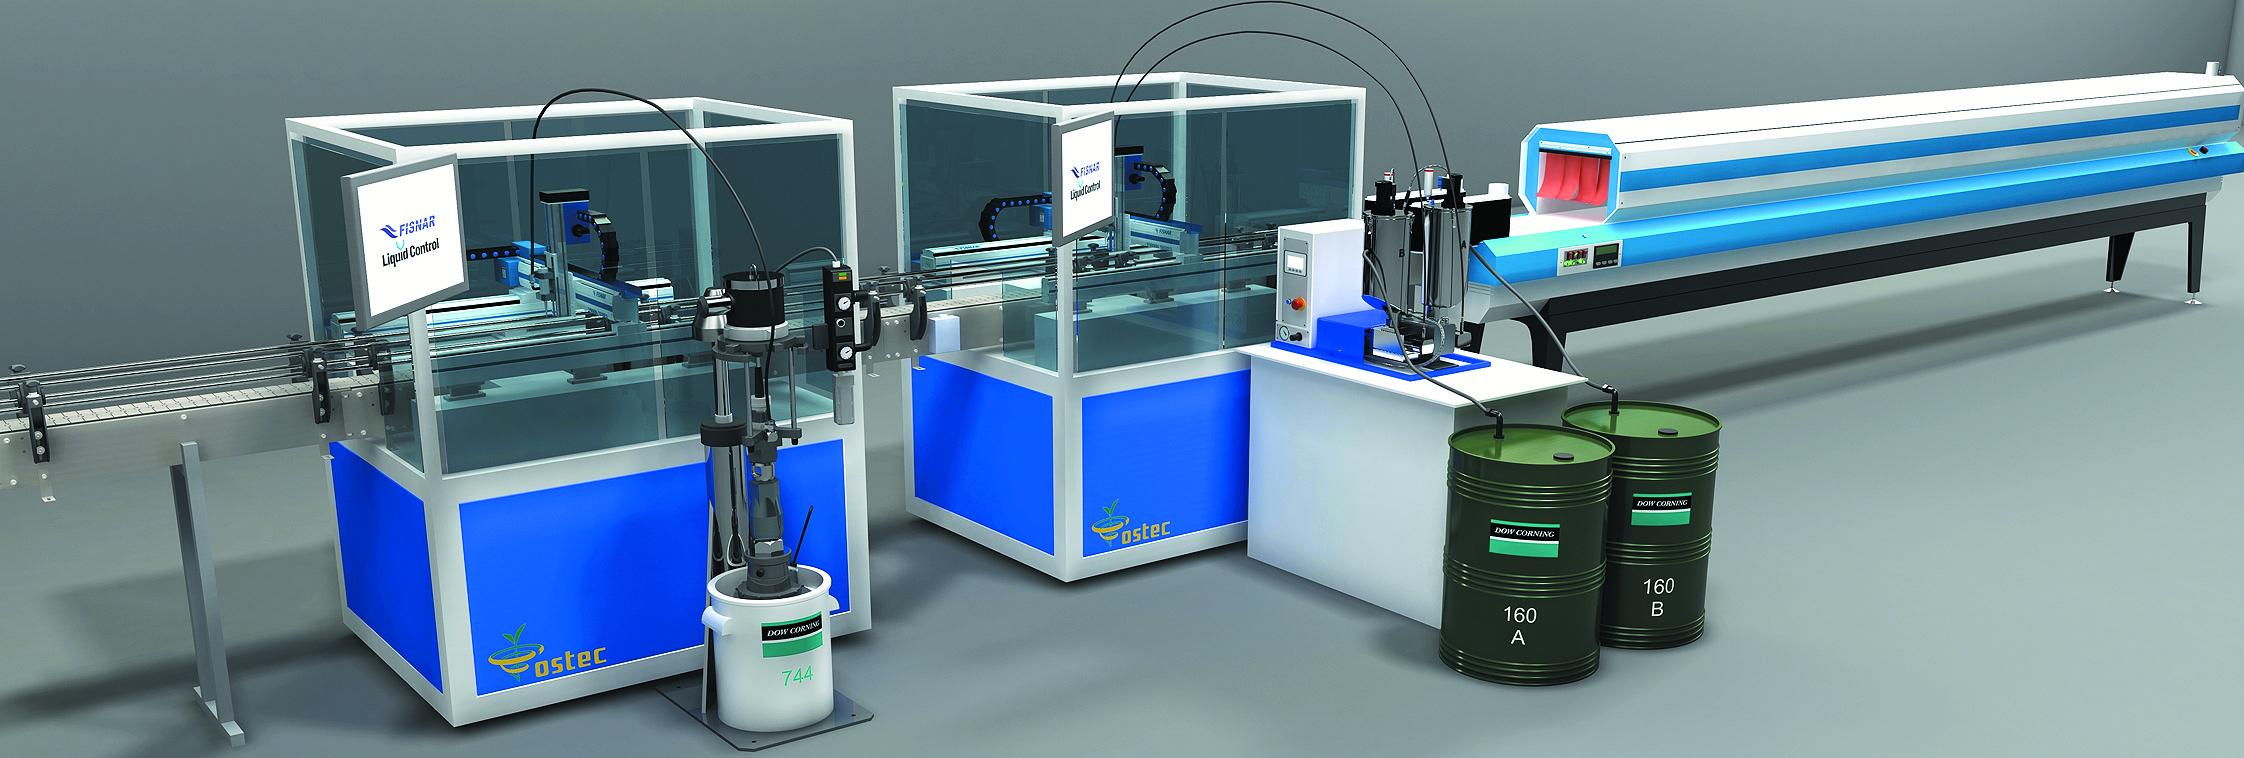 Роботизированная конвейерная линия заливки и герметизации LED-светильников